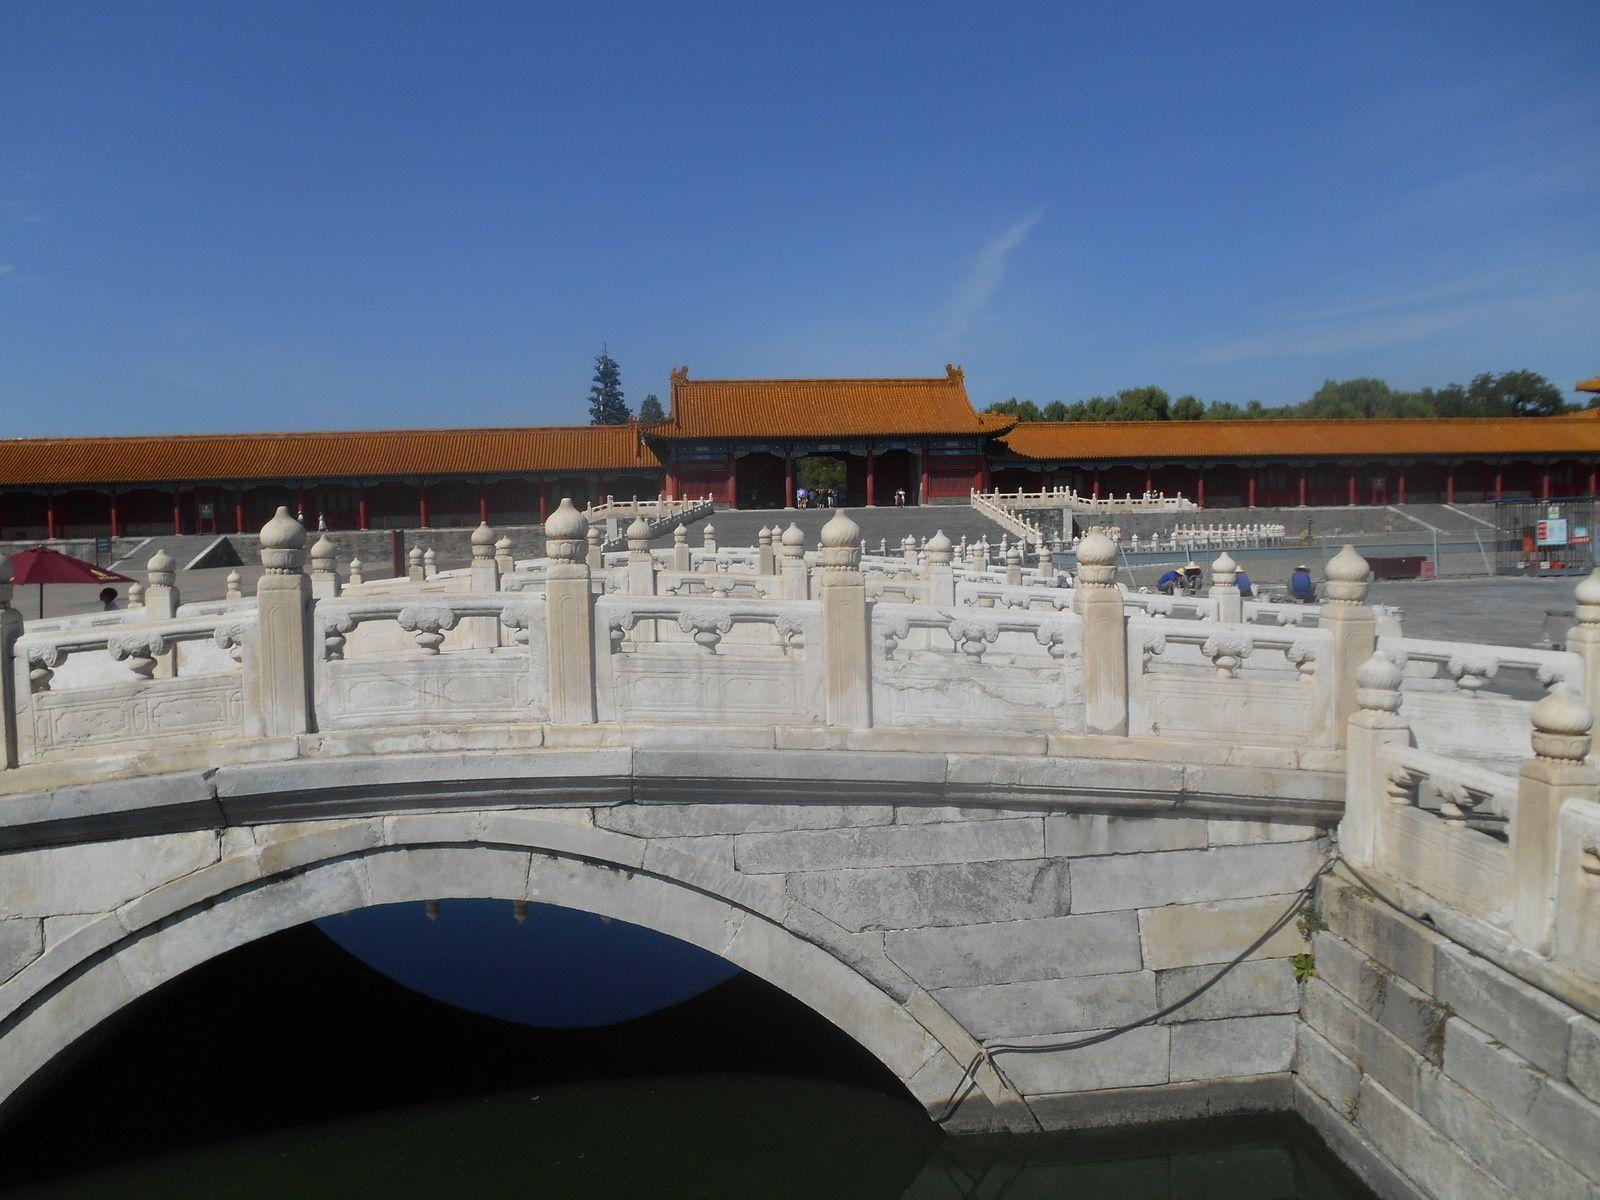 Un des 5 ponts de marbre traversant la rivière aux Eaux d'or...